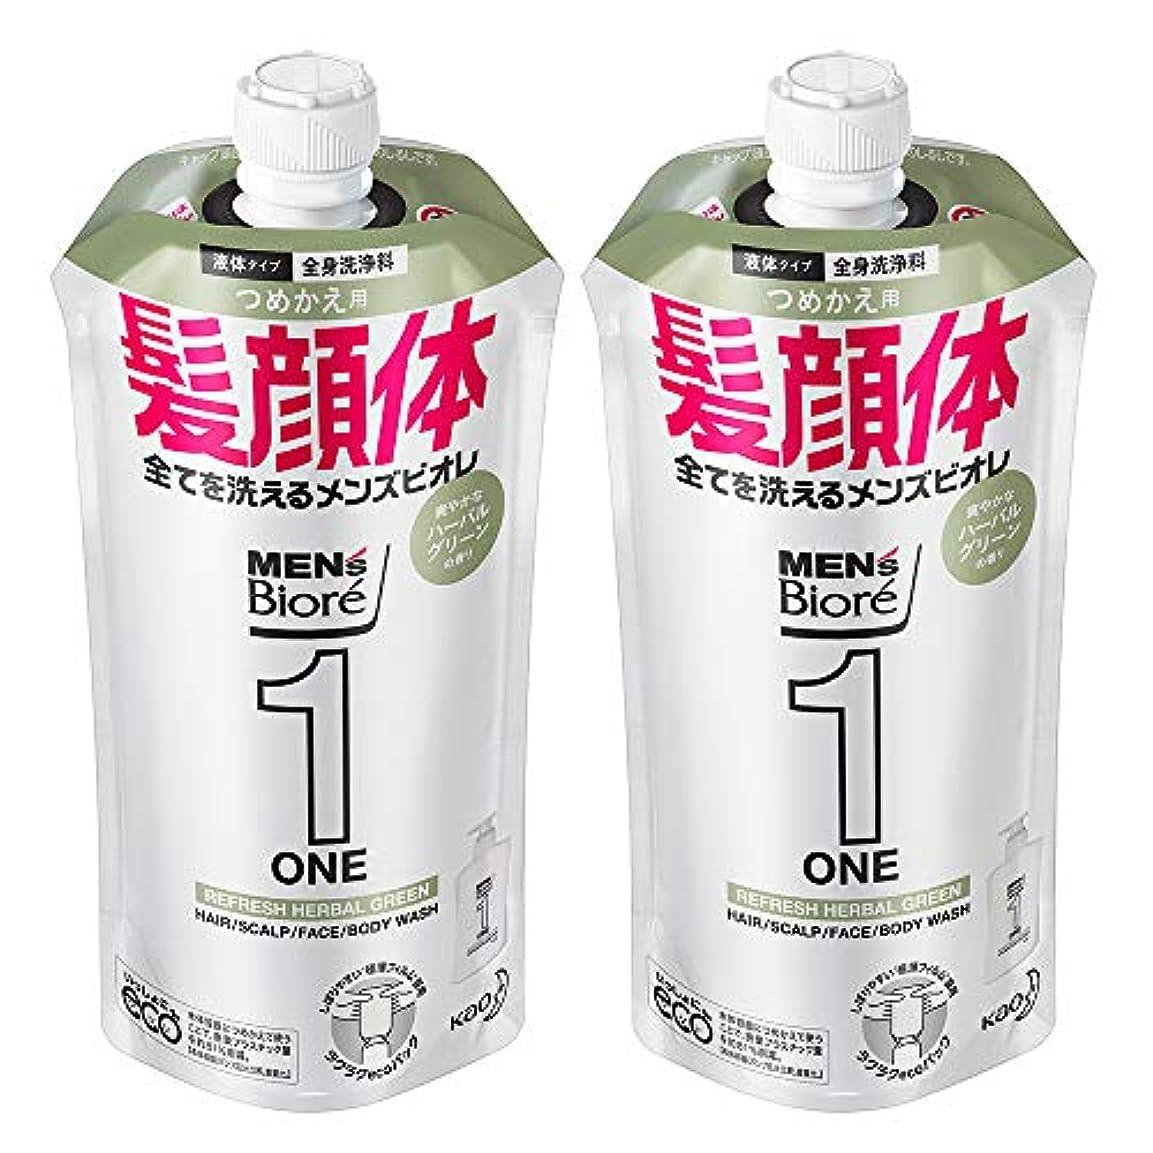 カウントそんなに割り当て【まとめ買い】メンズビオレ ONE オールインワン全身洗浄料 ハーバルグリーンの香り つめかえ用 340ml×2個